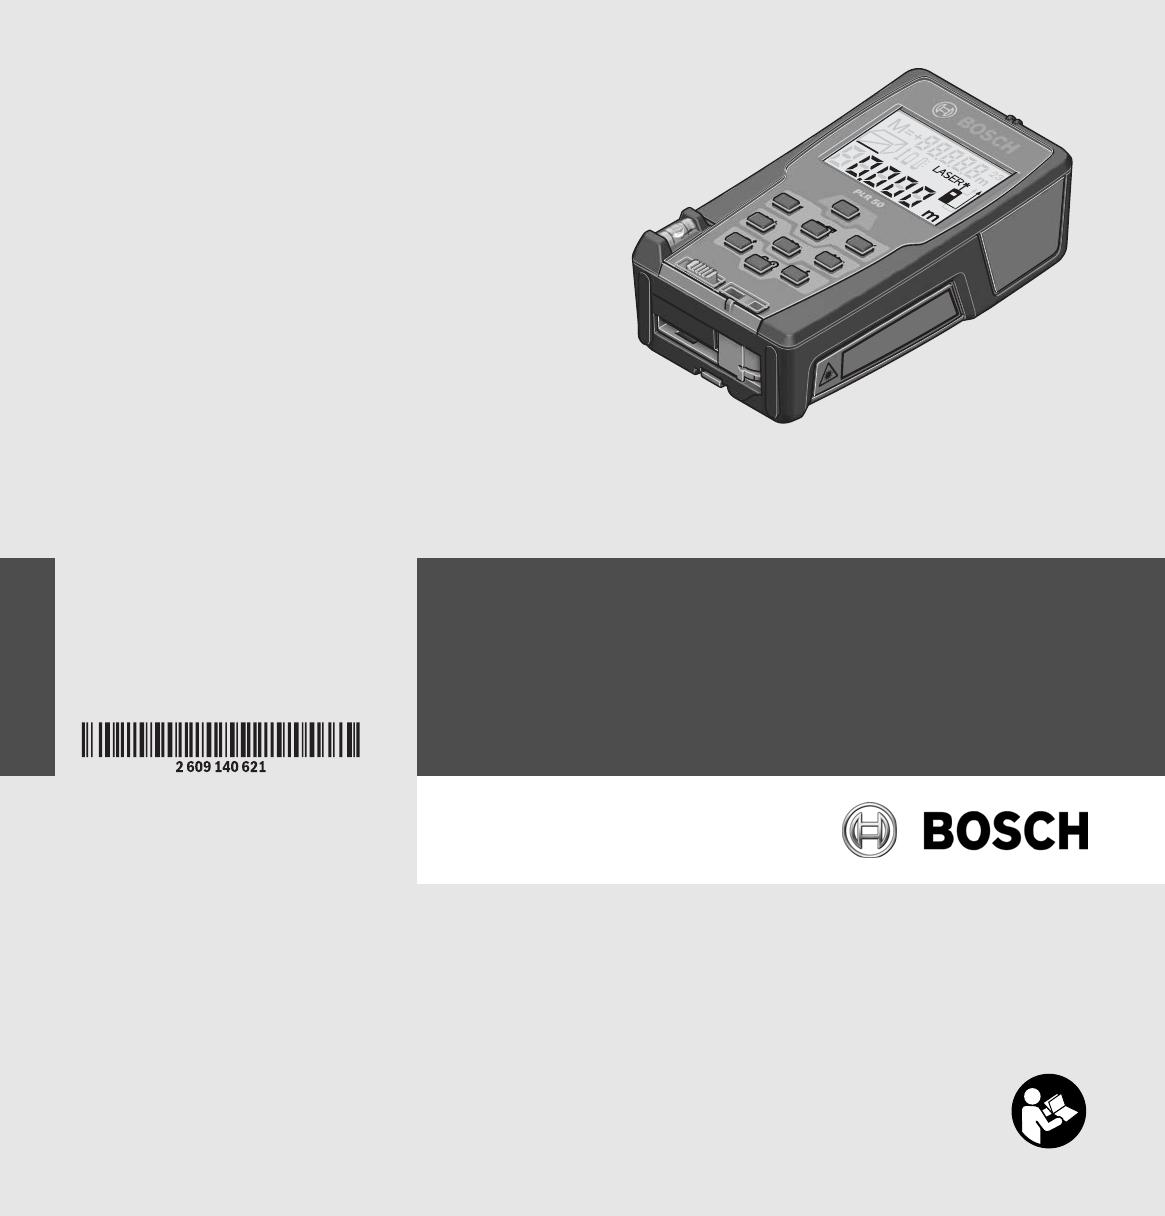 bosch plr 50 manual